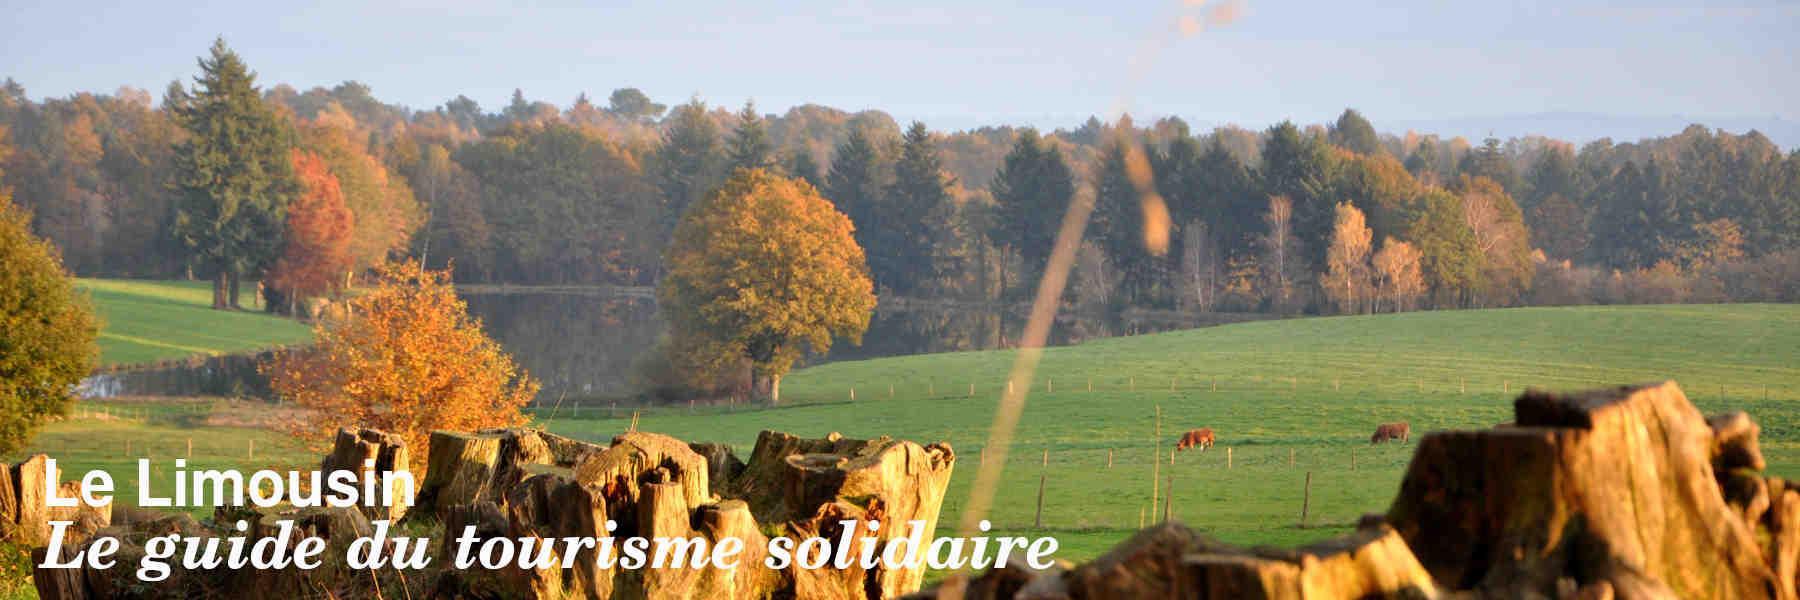 Le guide du tourisme solidaire en Limousin